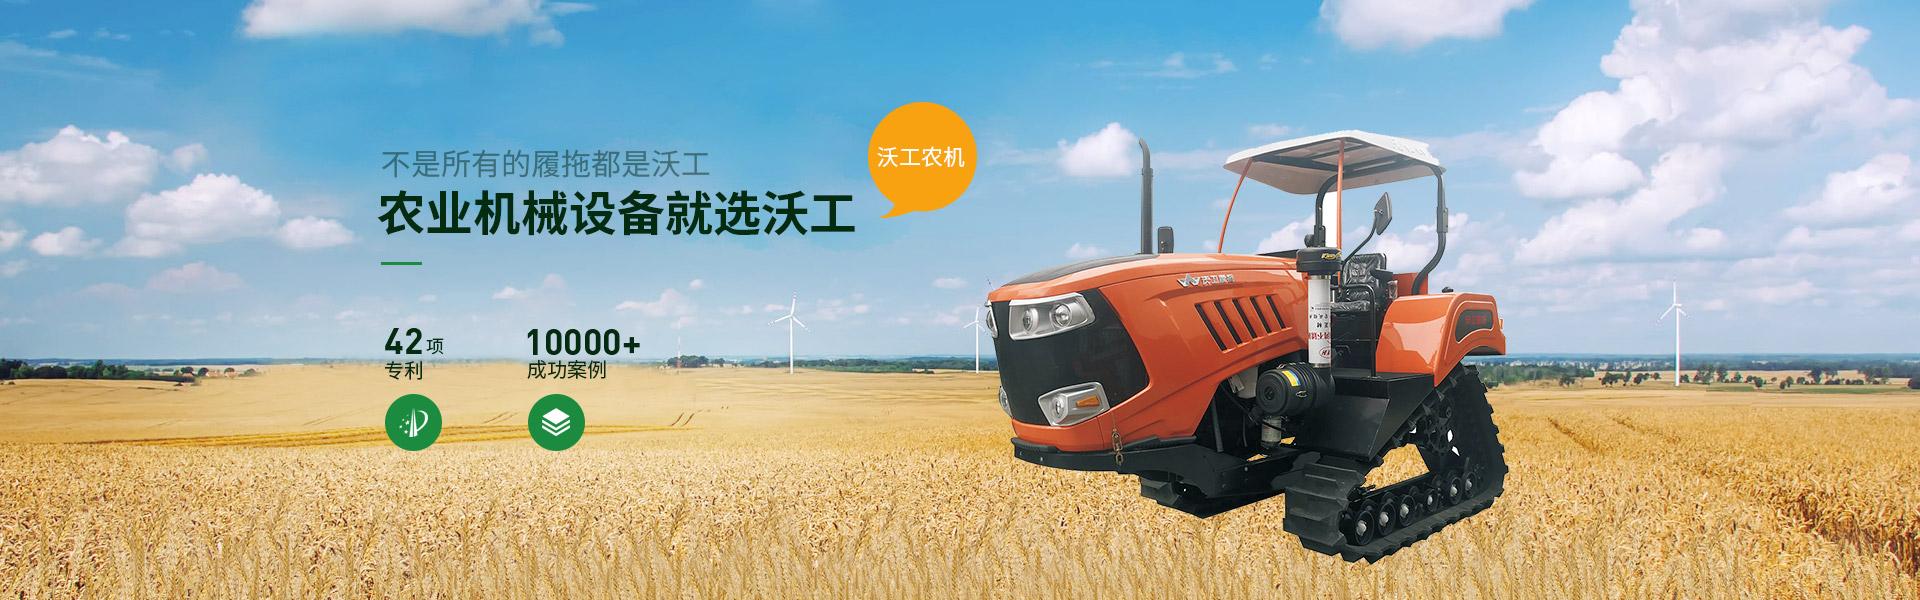 不是所有的拖拉机都是附加,农业机械设备就选富佳科技